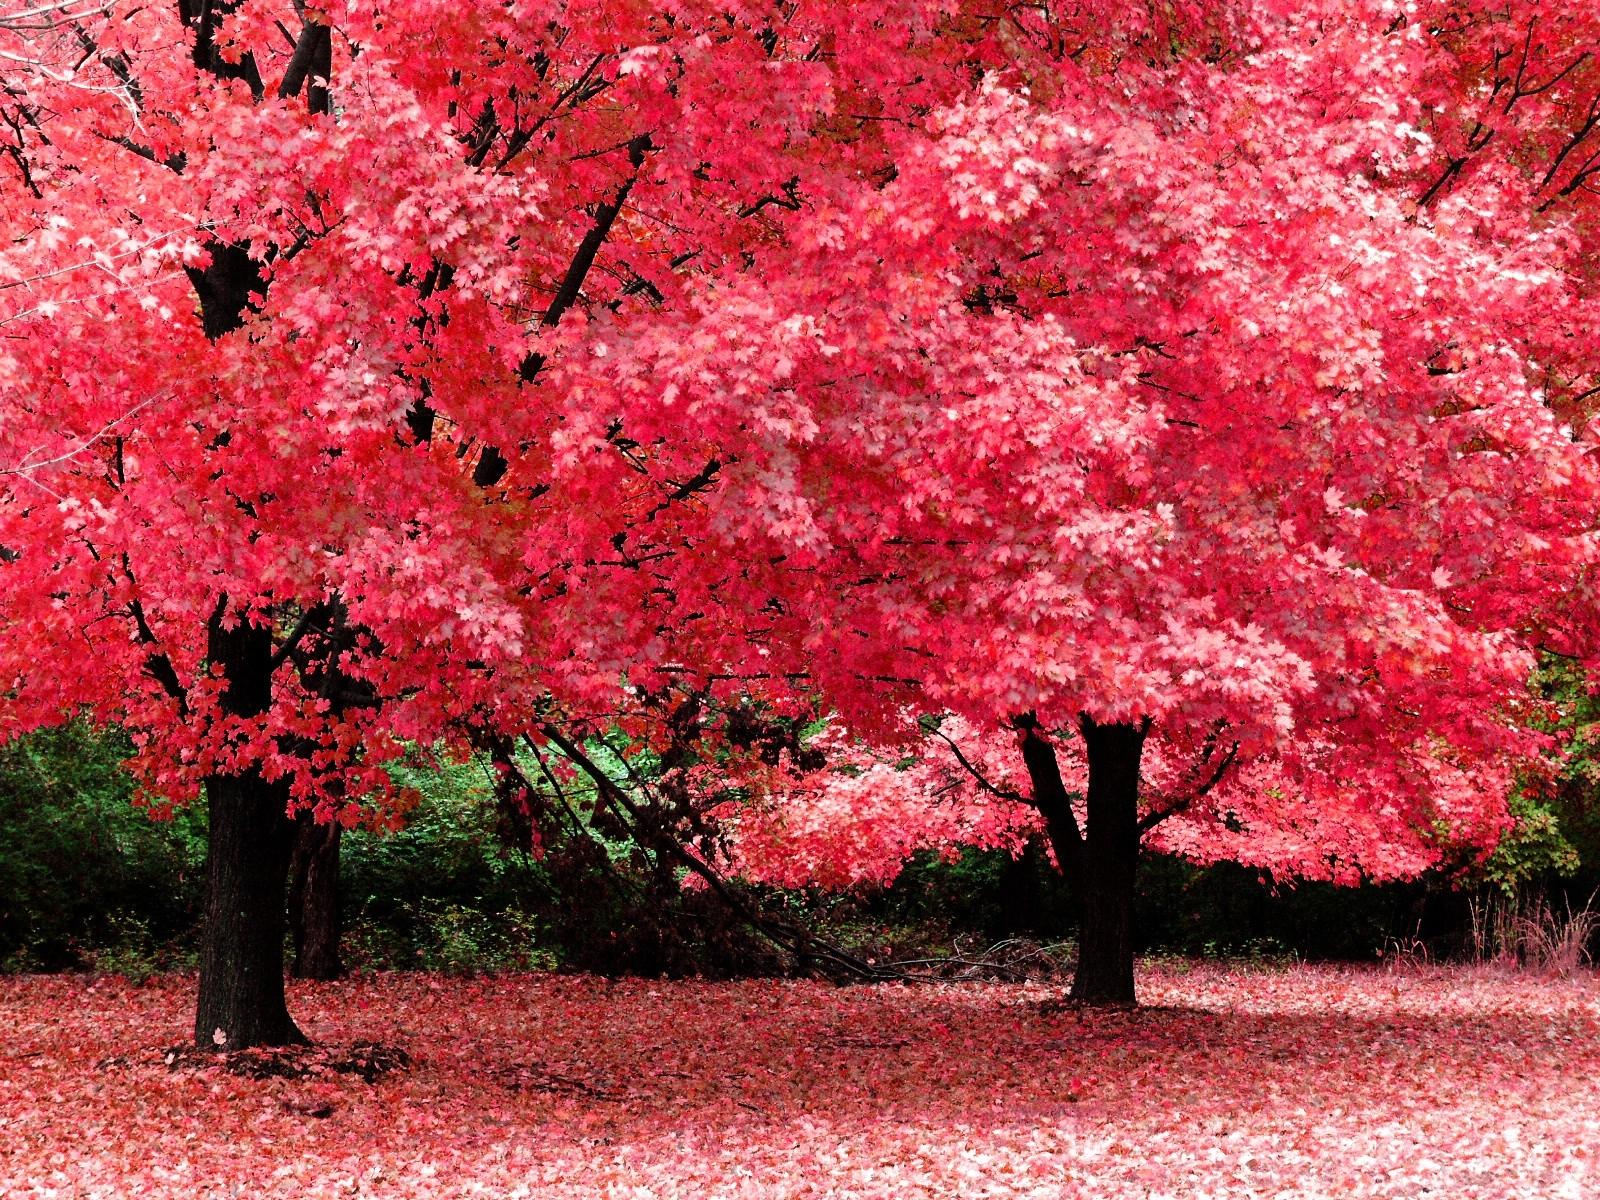 7242 скачать обои Пейзаж, Деревья, Осень - заставки и картинки бесплатно